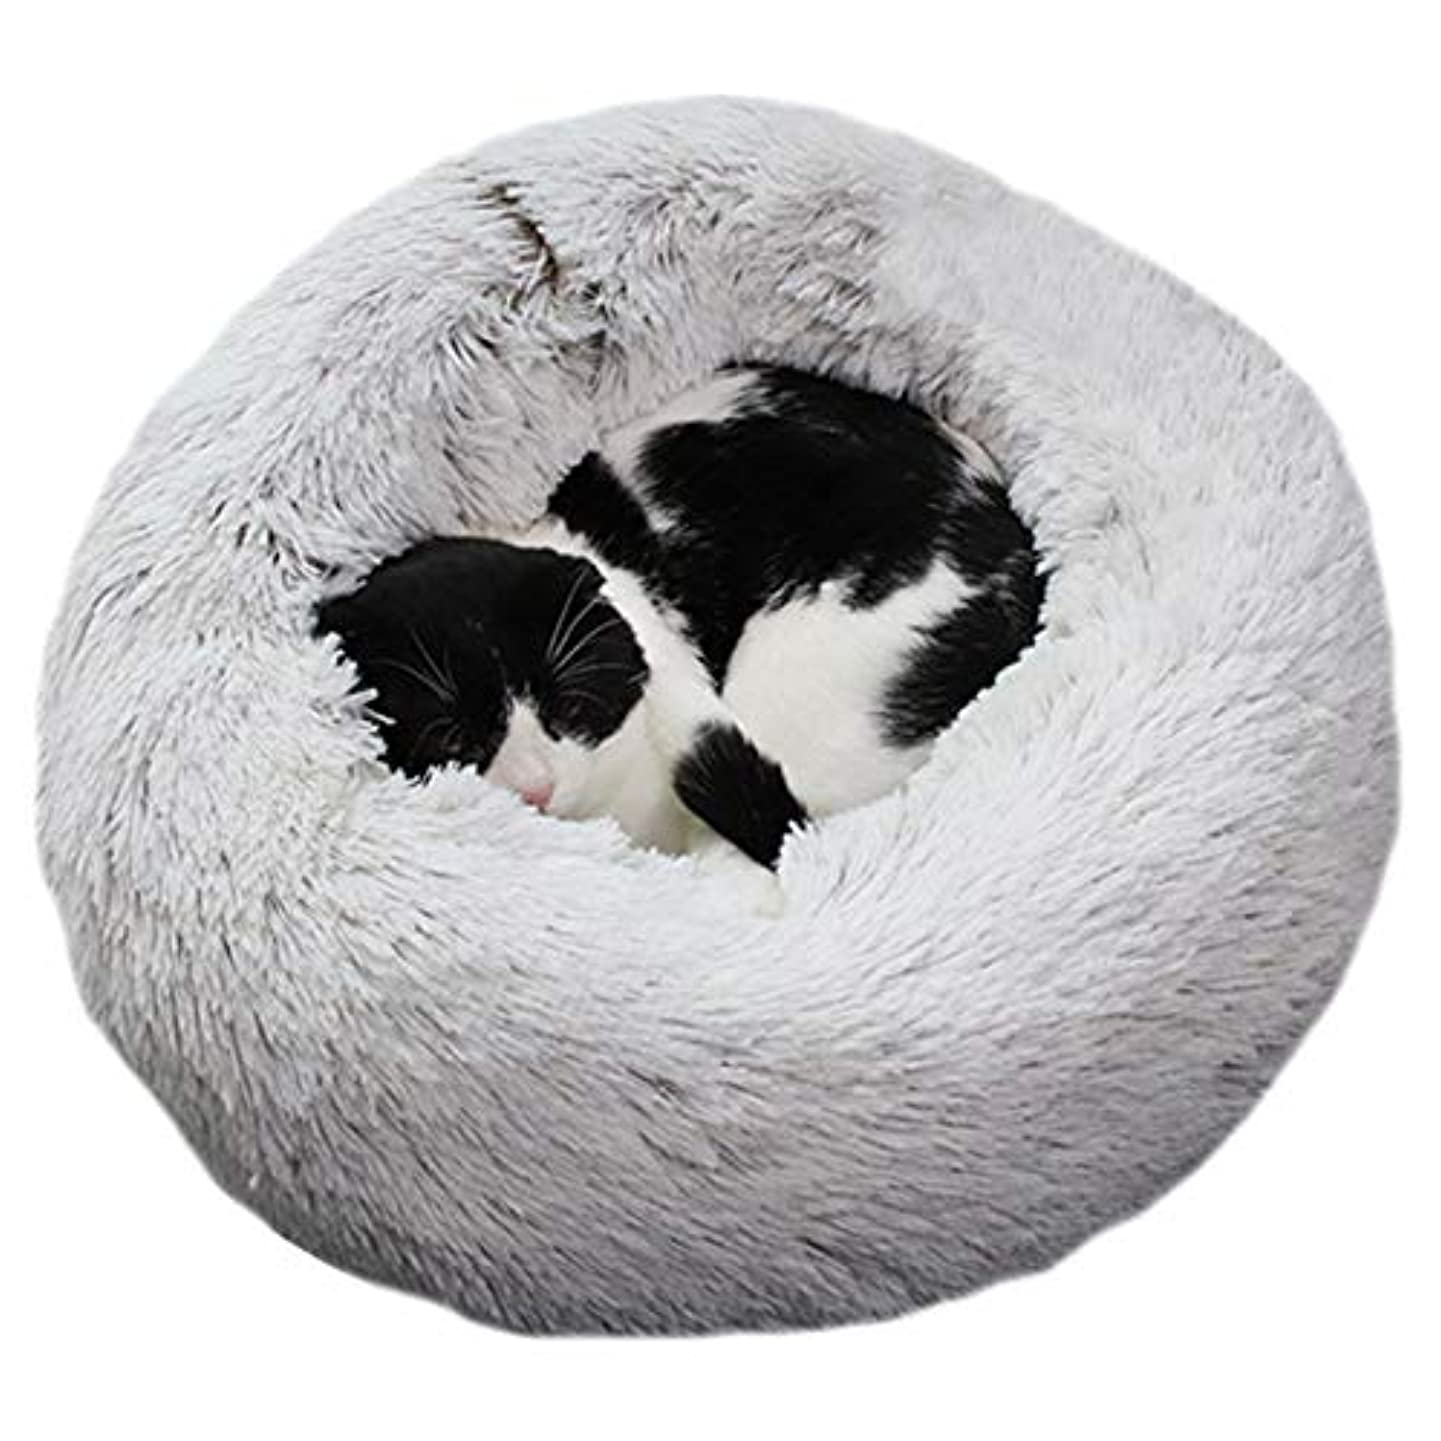 痴漢ゴールデン気づかないAlligadoペットぬいぐるみドーナツ抱きしめる猫ベッド暖かいソフト厚く高められた犬子犬マットクッション